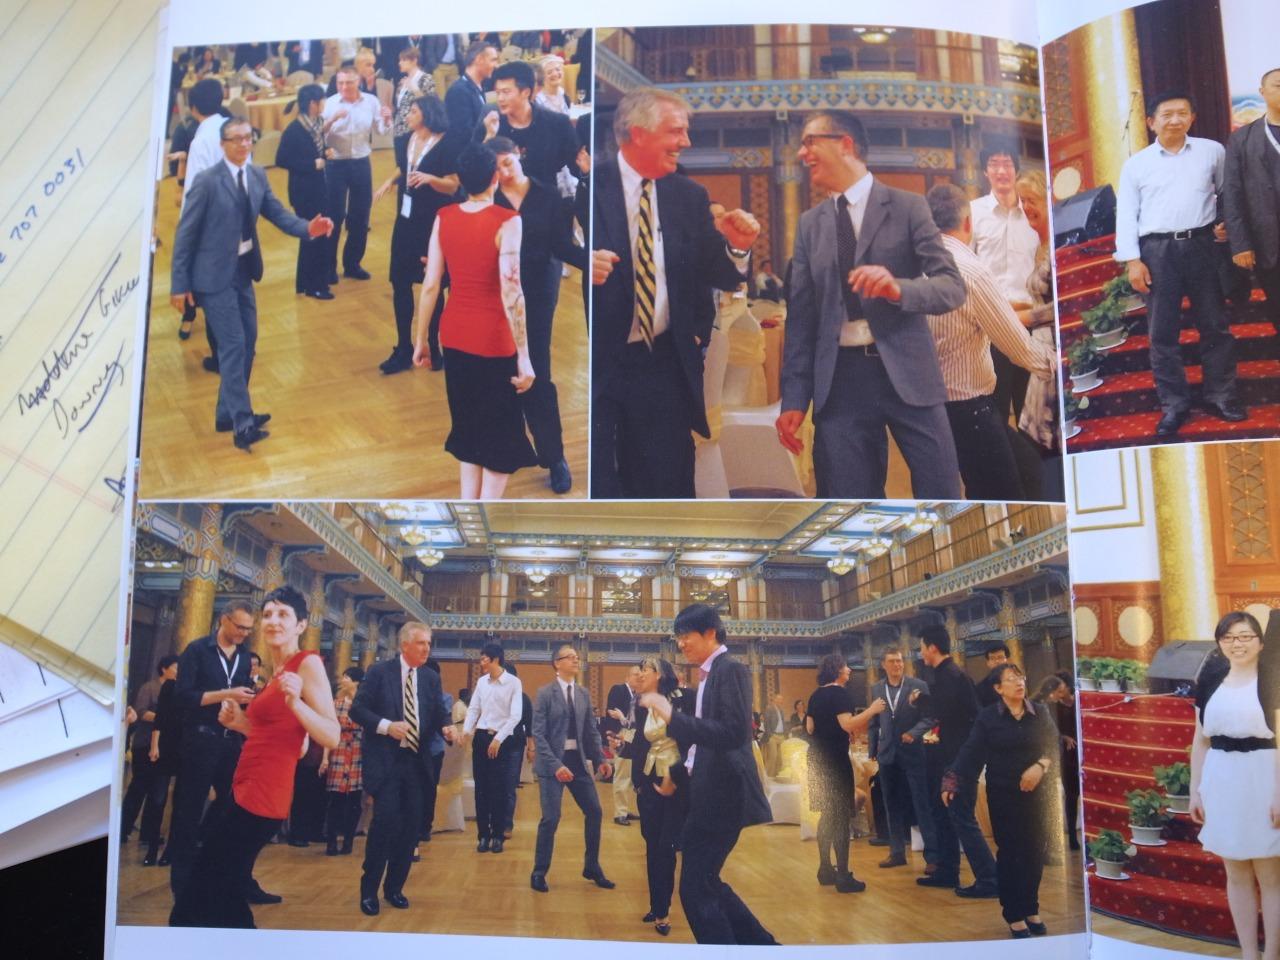 Film archivists dancing in Beijing